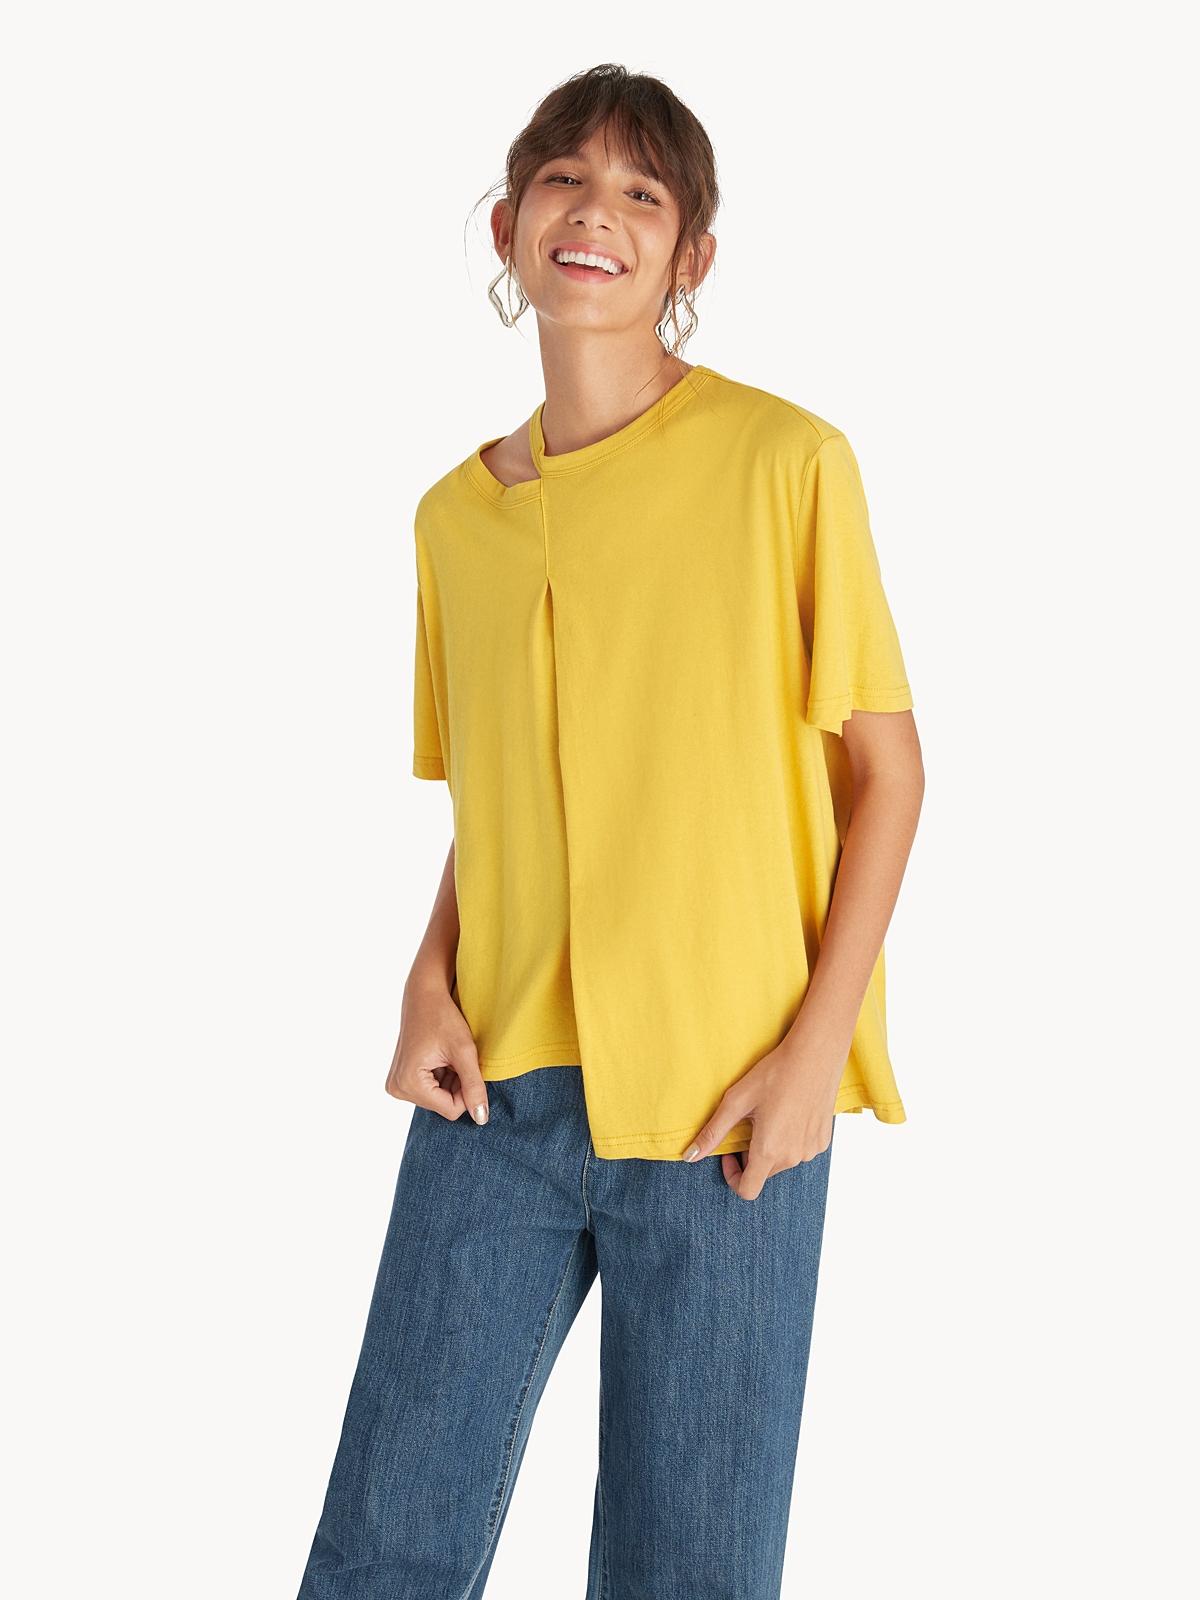 Cut Out Neck Asymmetric Top Yellow